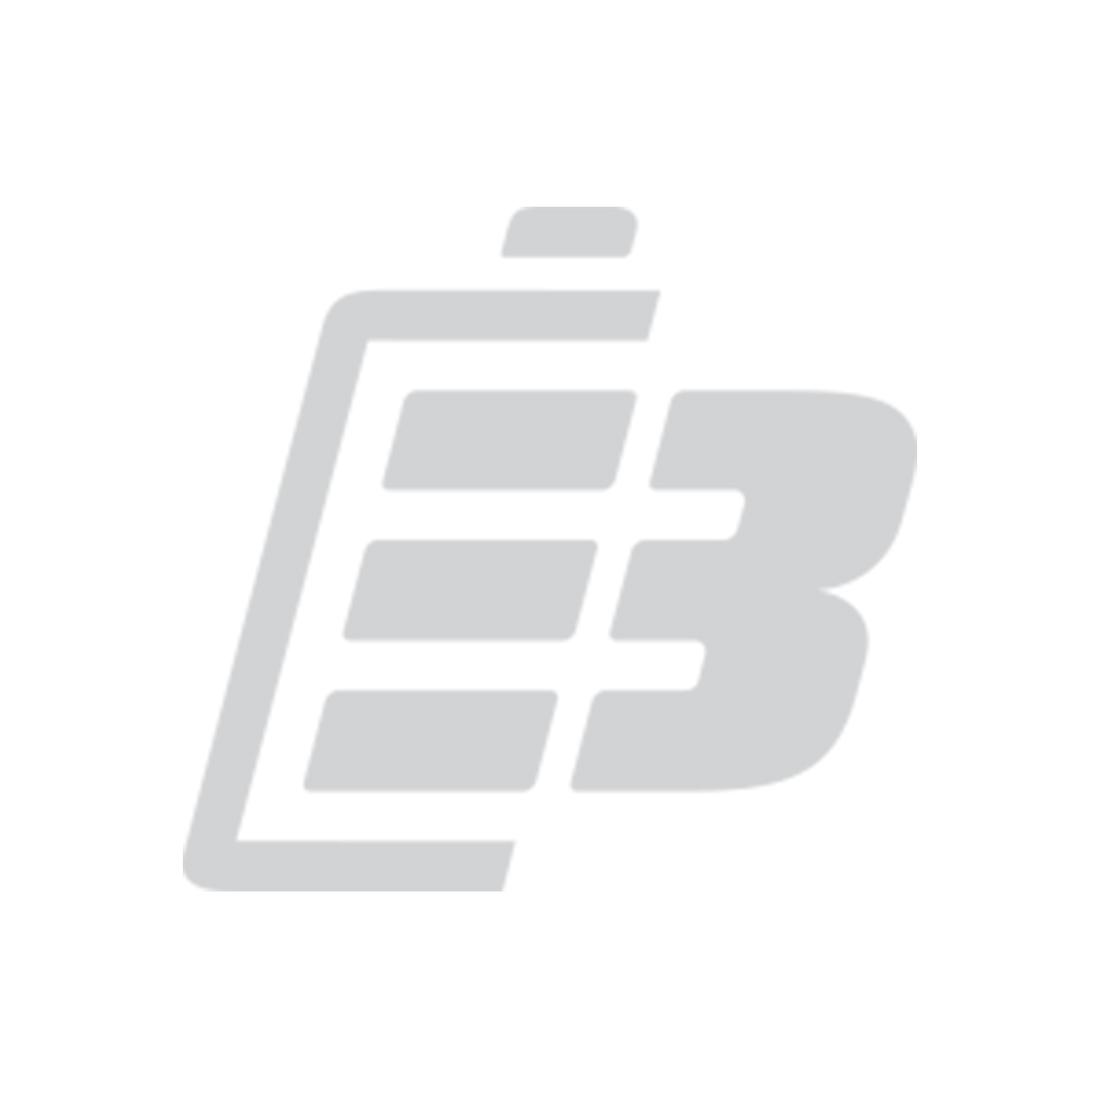 Μπαταρία κινητού τηλεφώνου Samsung B2700_1